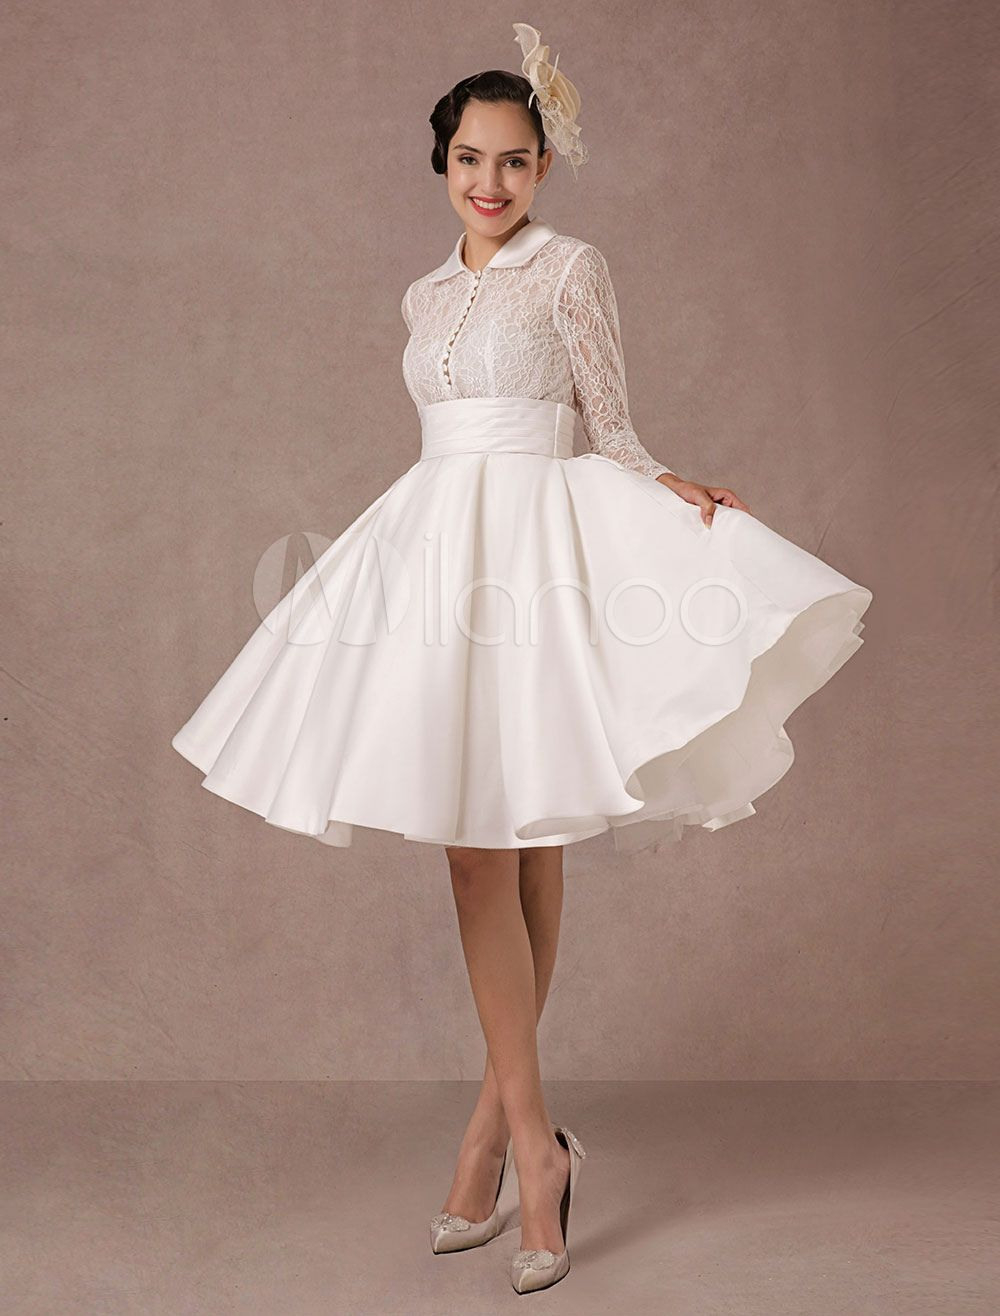 20 Luxus Kleider Mit Ärmel Für Hochzeit ÄrmelAbend Leicht Kleider Mit Ärmel Für Hochzeit Ärmel